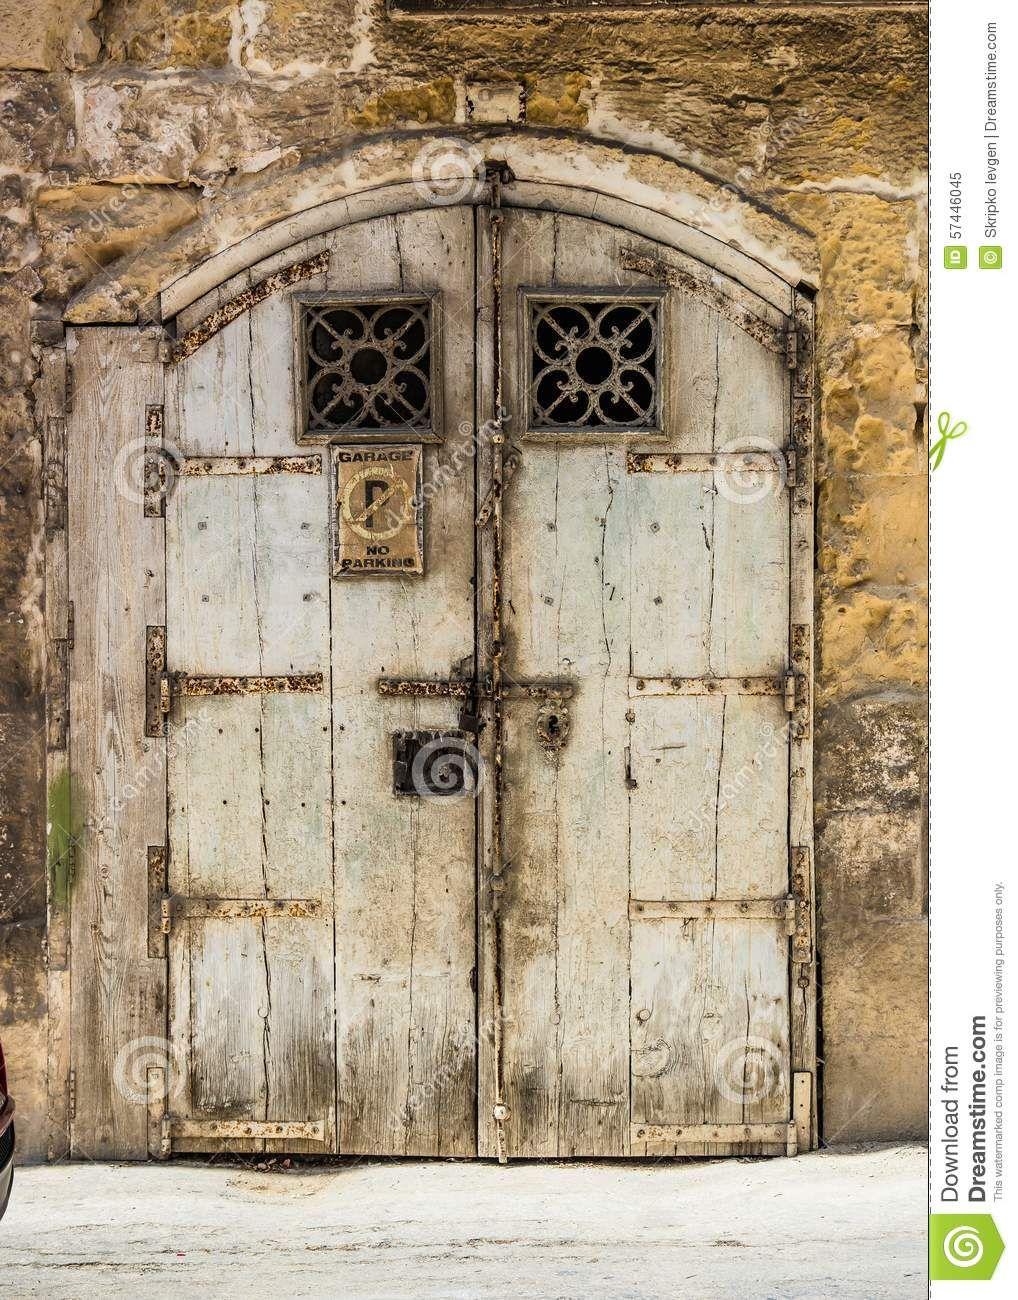 Wooden Garage Doors In A Street In Valletta Stock Photo Image